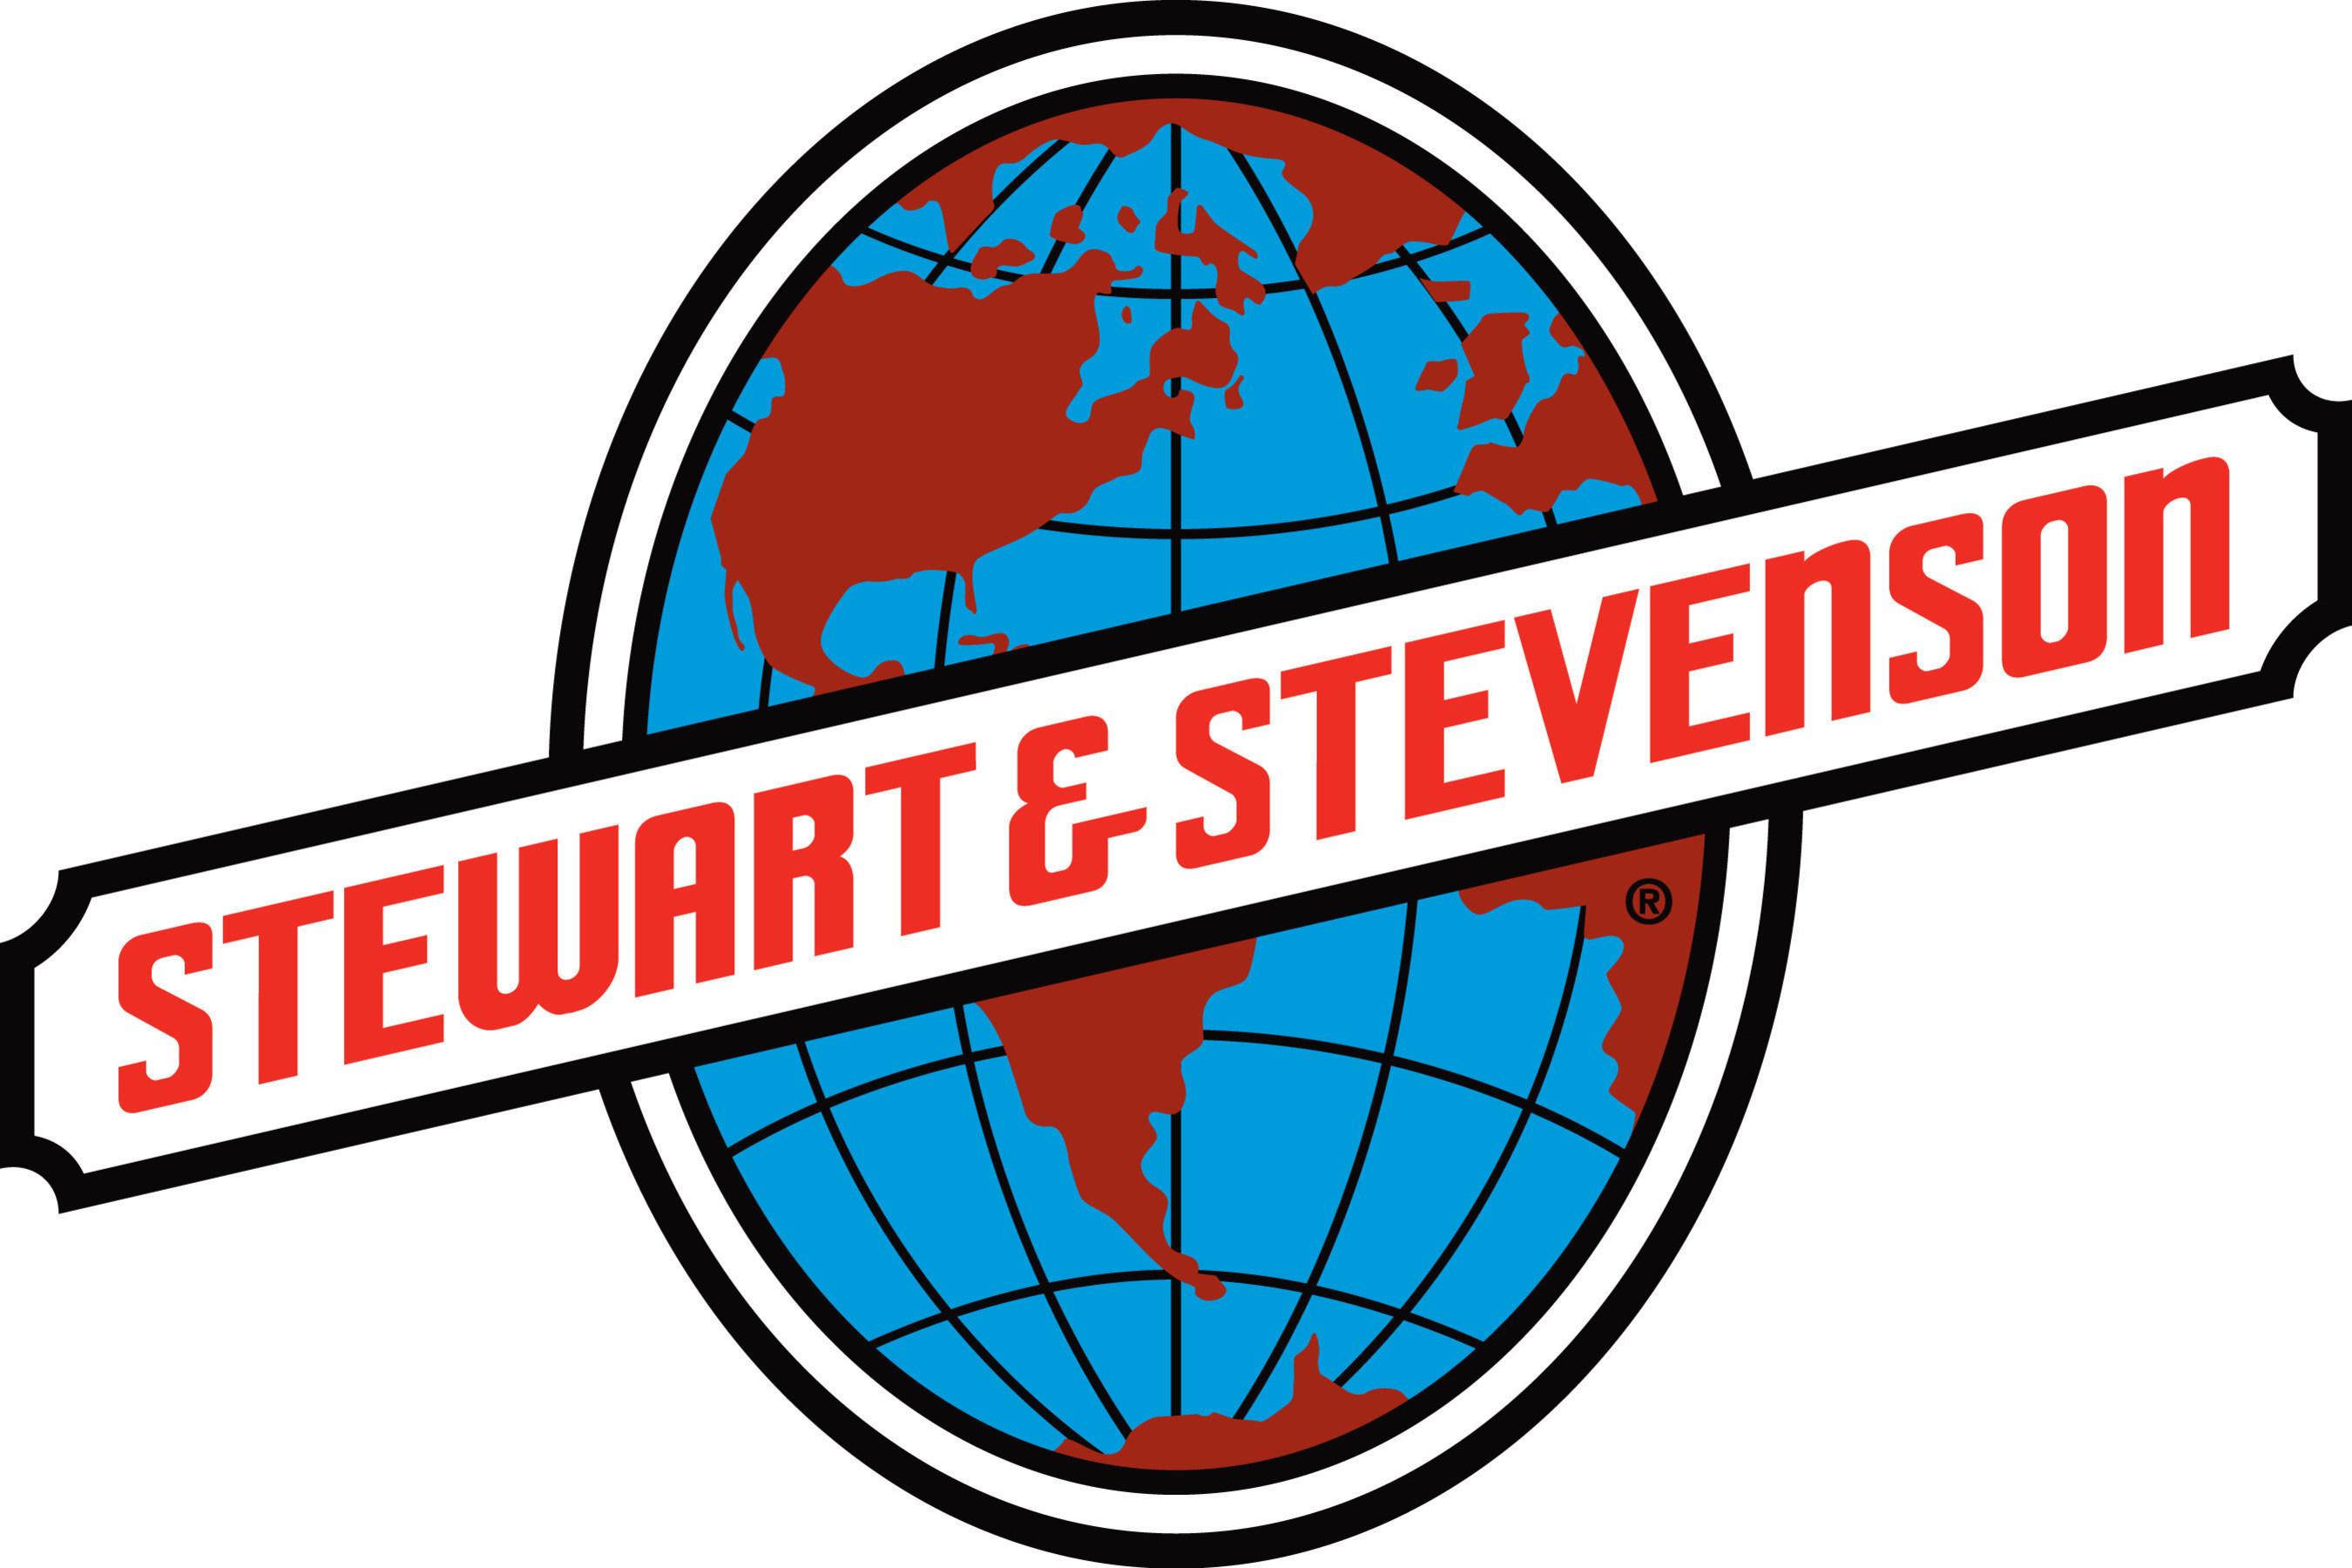 Stewart & Stevenson beruft neuen CEO